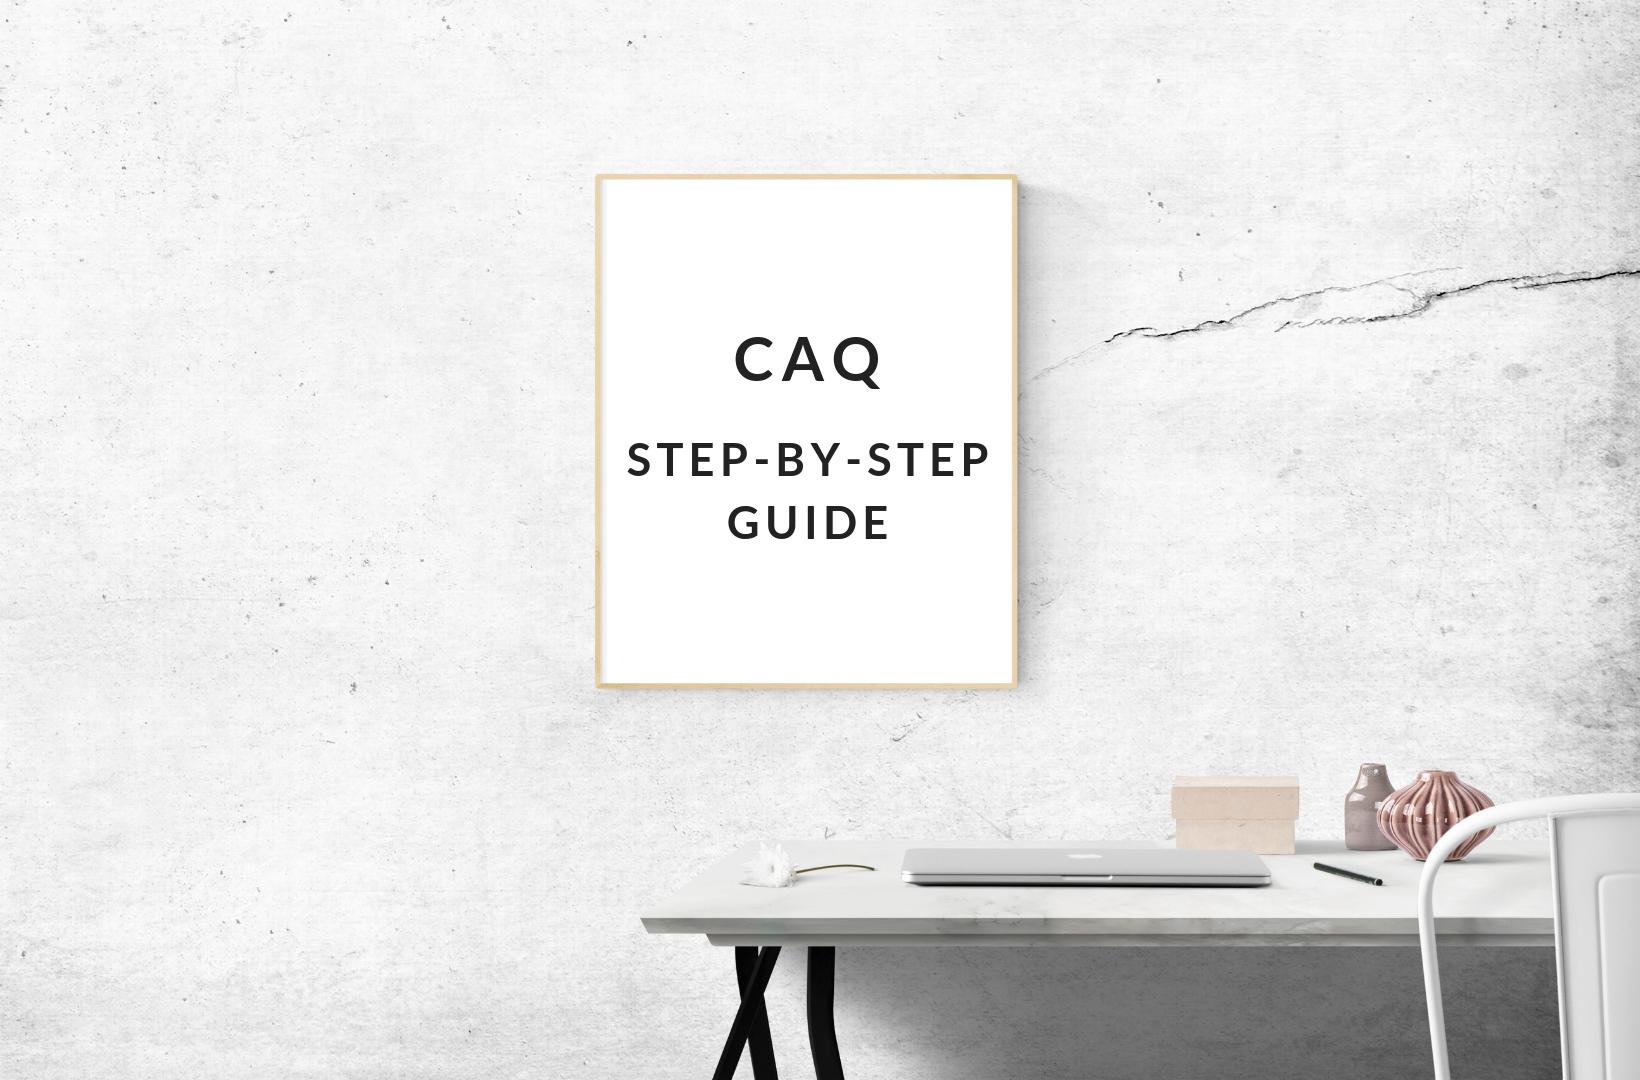 CAQ step by step